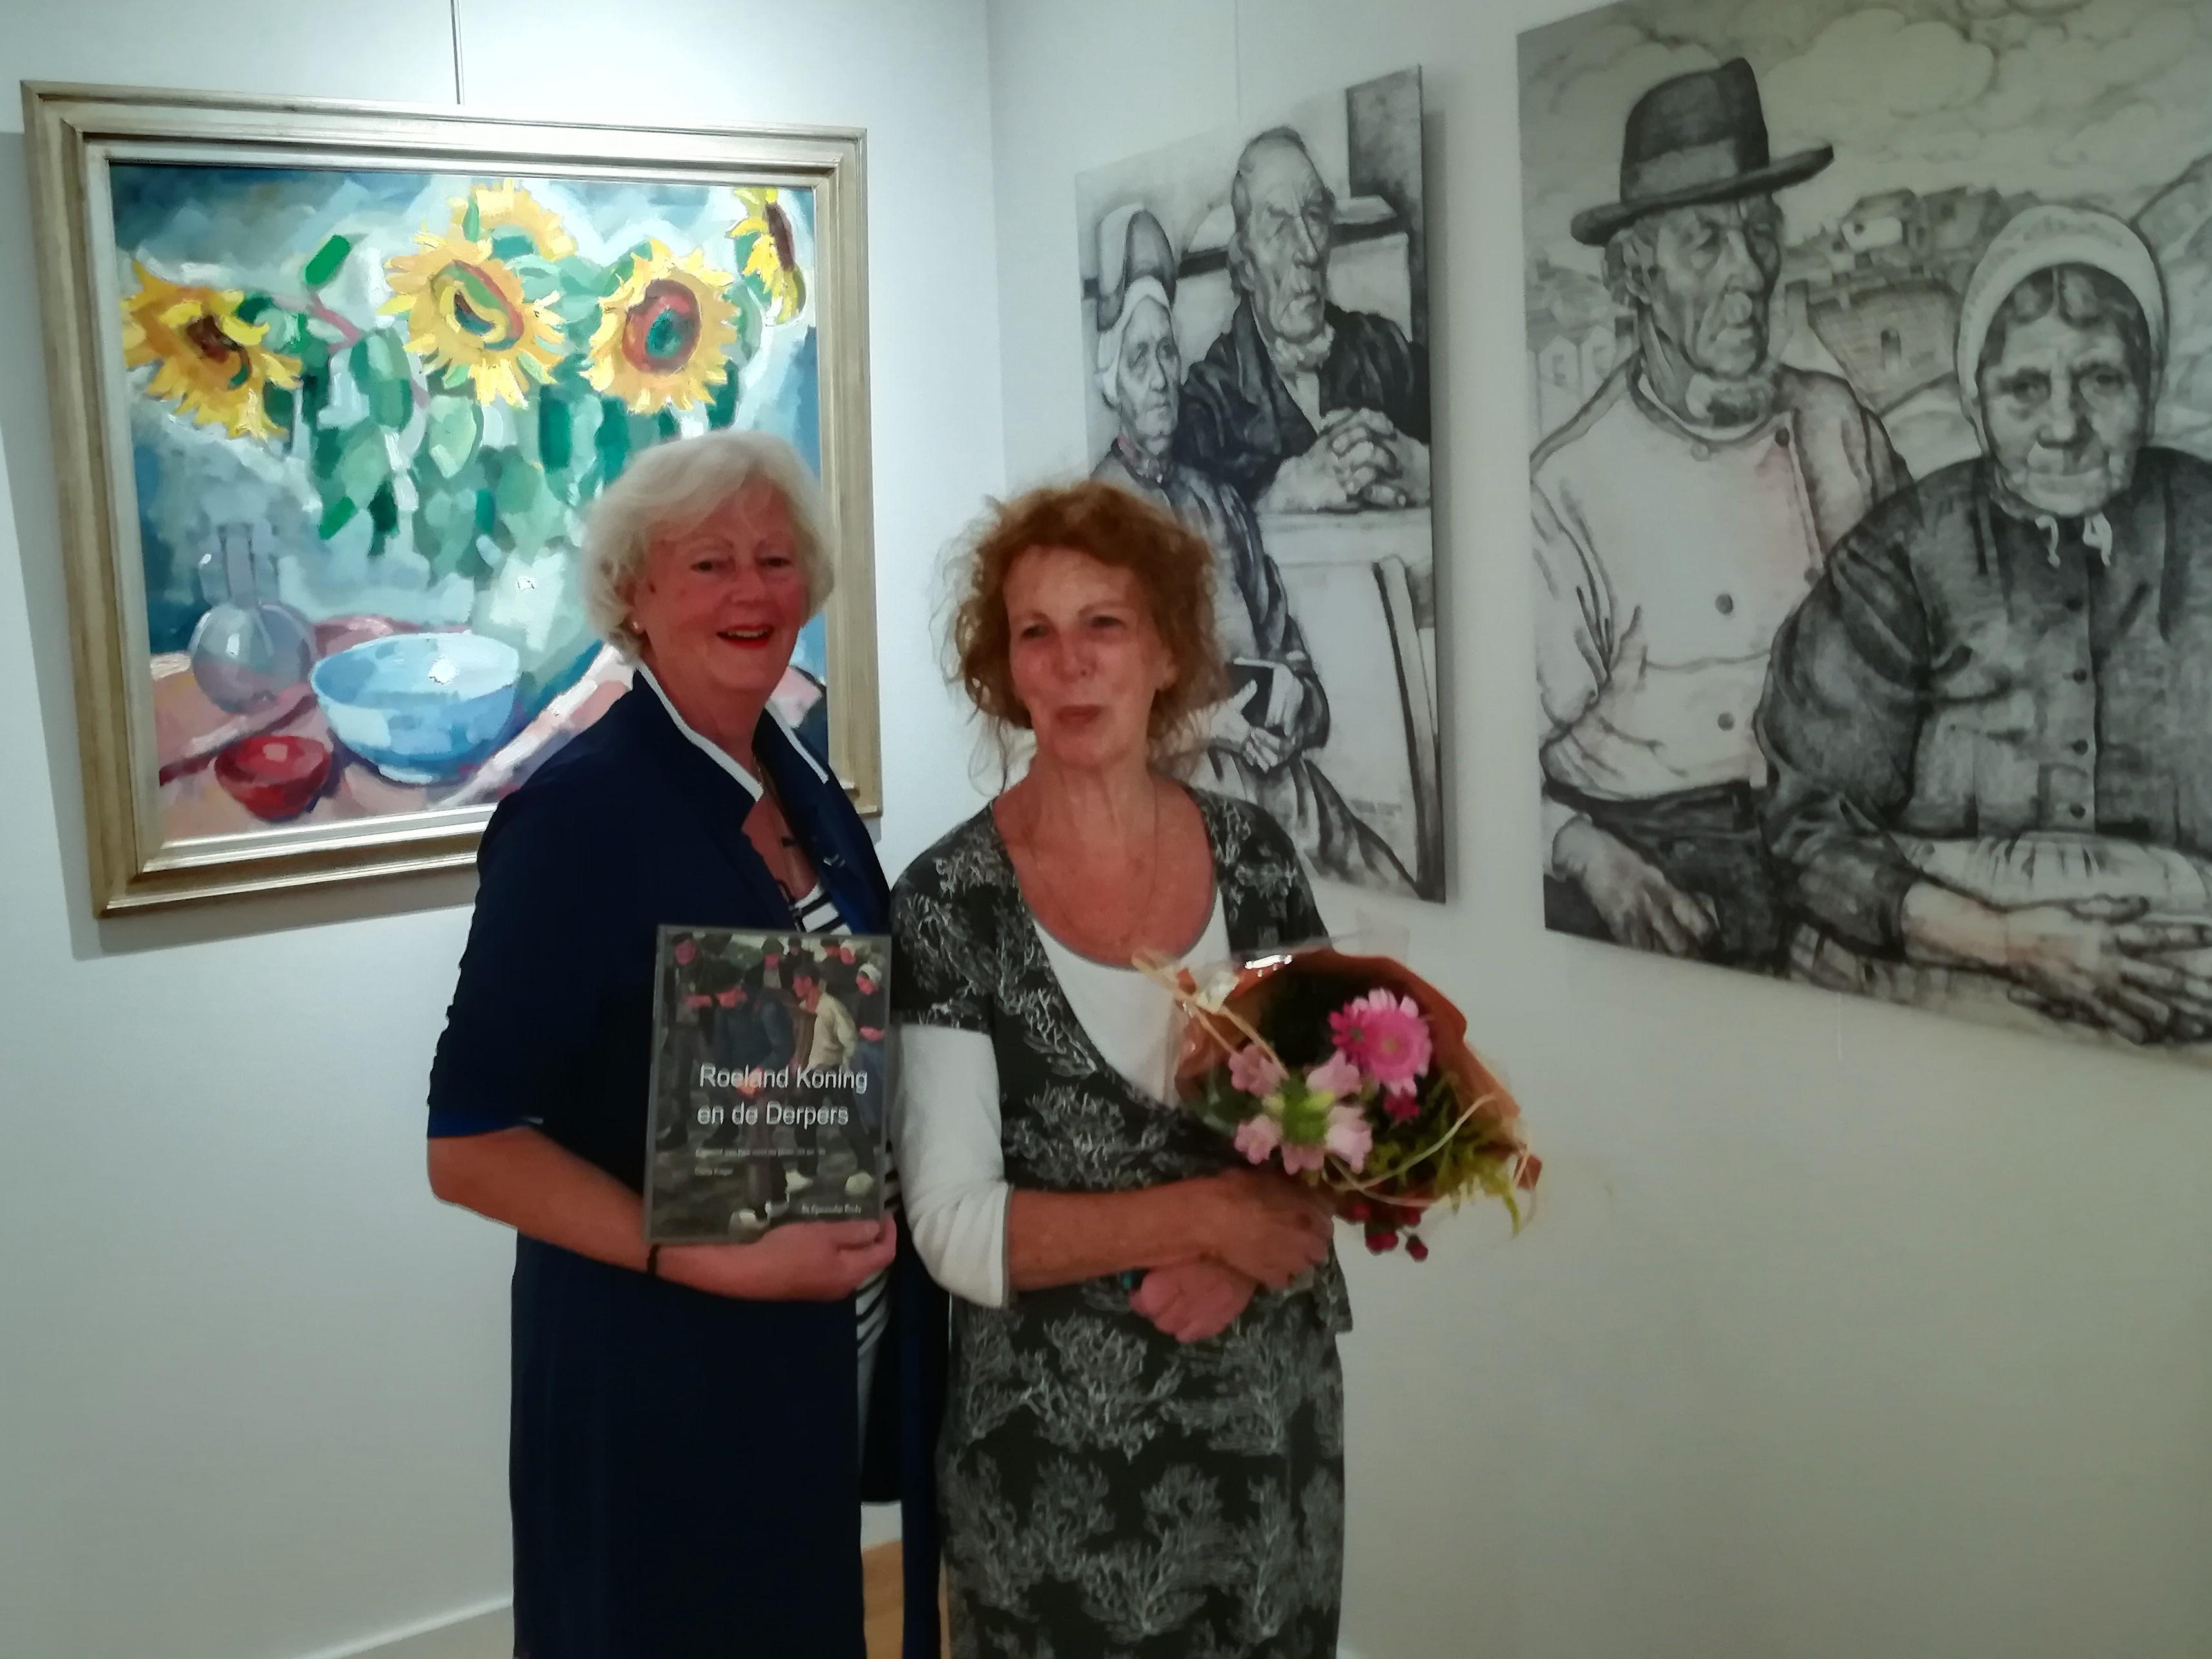 1000e bezoeker van het museum: Anna Ridderbos met vriendin Mirjam van Proosdij. Op de achtergrond enkele van de werken van Roeland Koning.  (Foto Gerard Wijker)